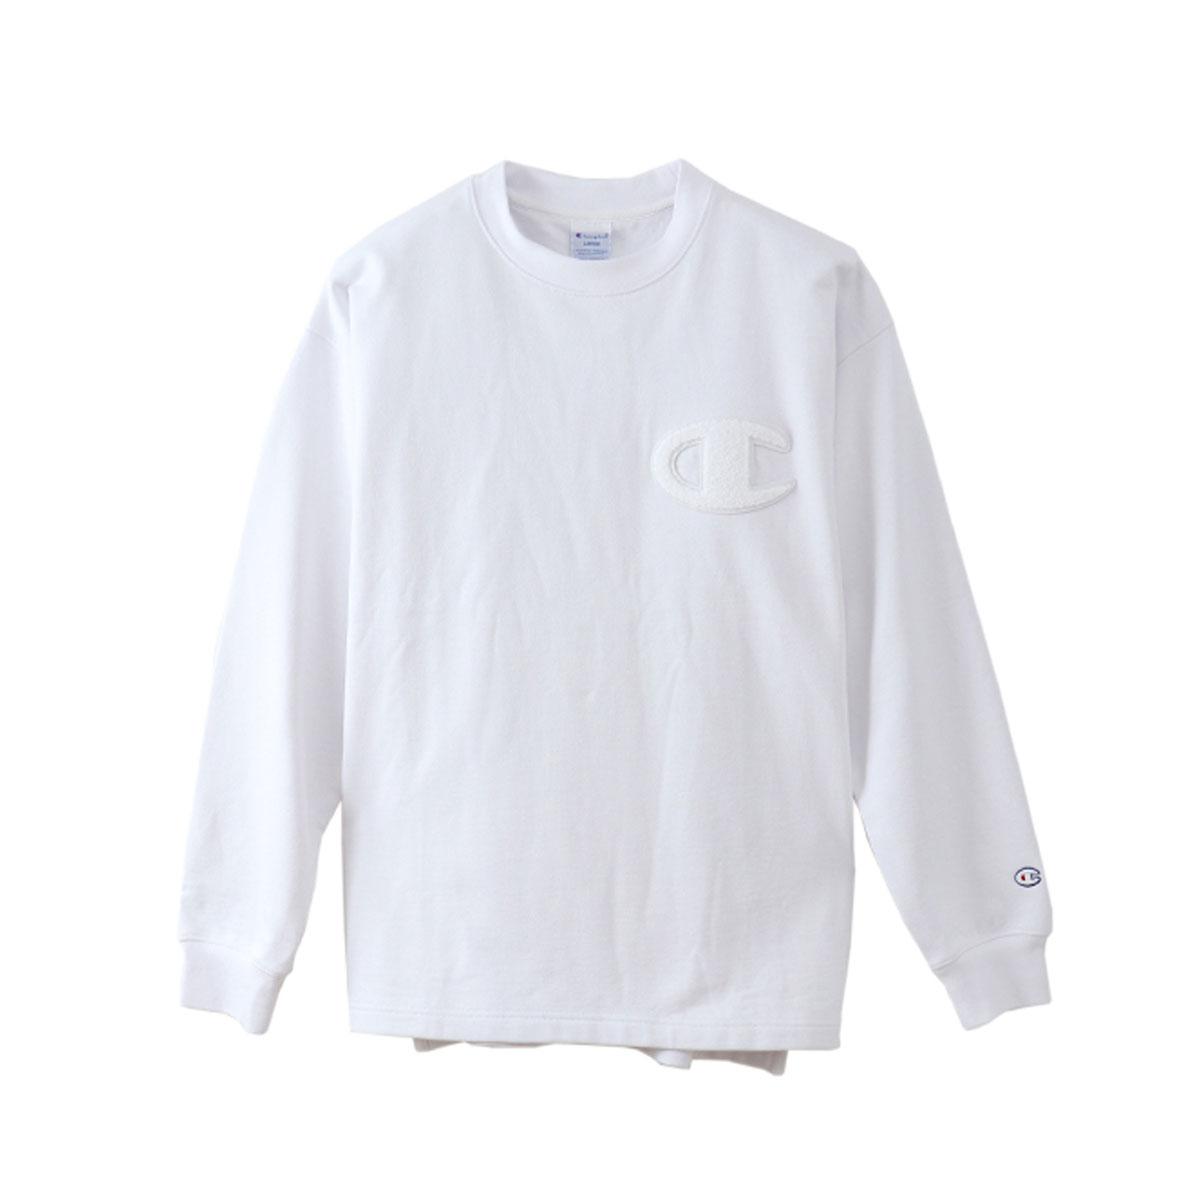 Champion CREW NECK SWEATSHIRT (チャンピオン クルーネック スウェットシャツ)ホワイト【メンズ スウェット】19SP-I